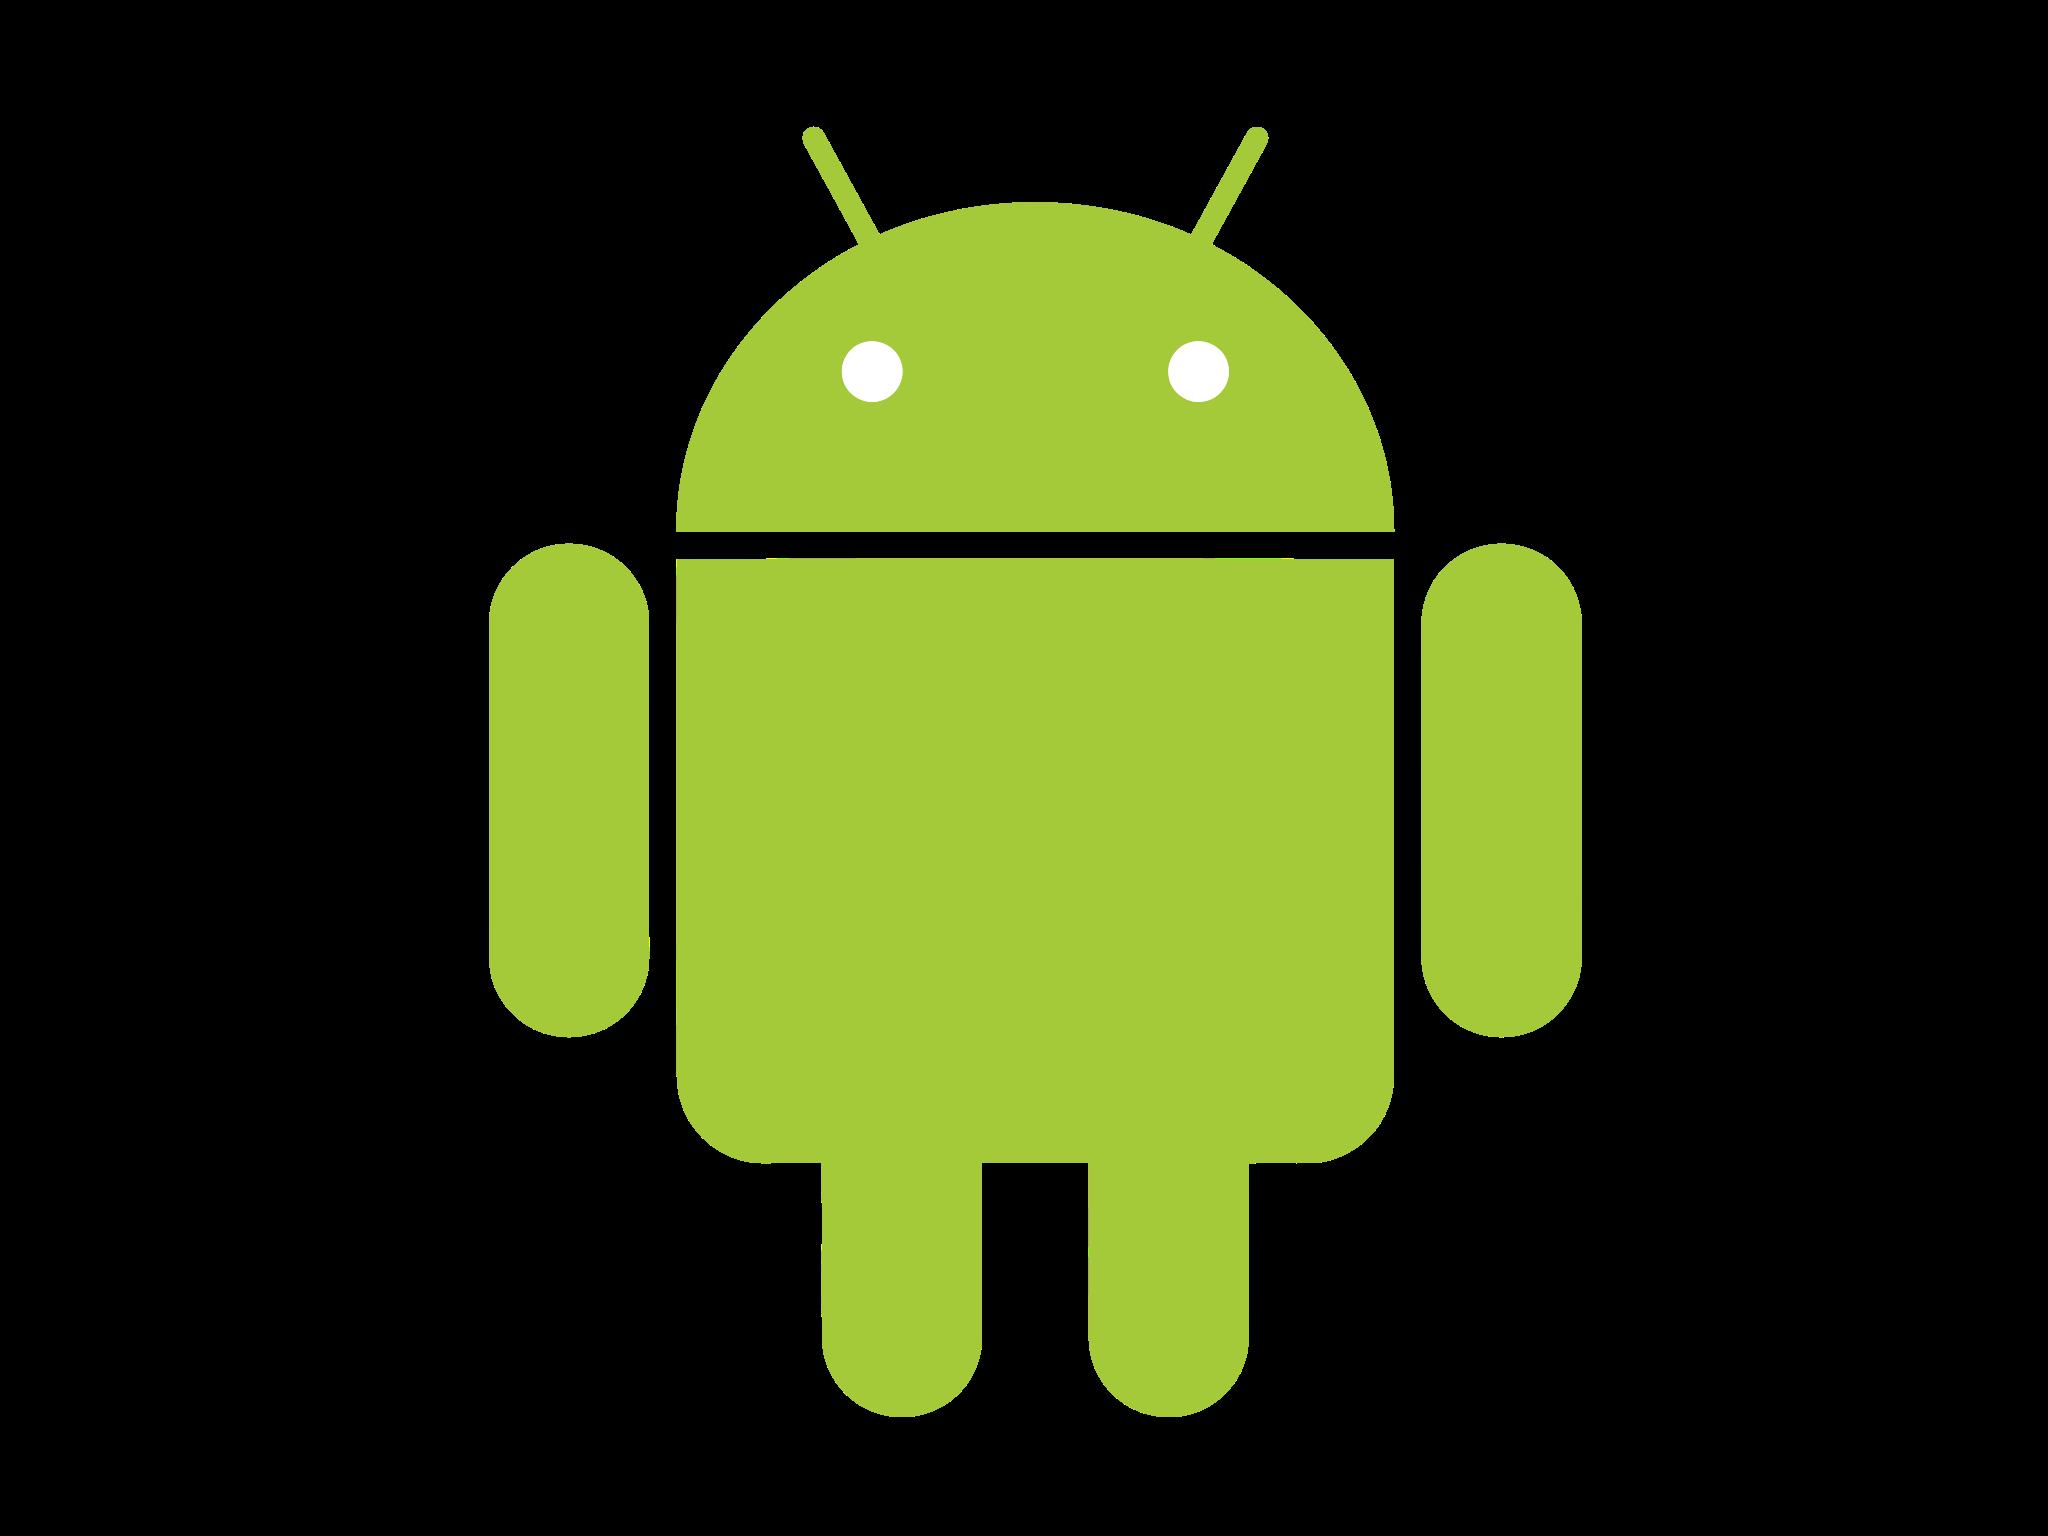 Resultado de imagen para andy android png